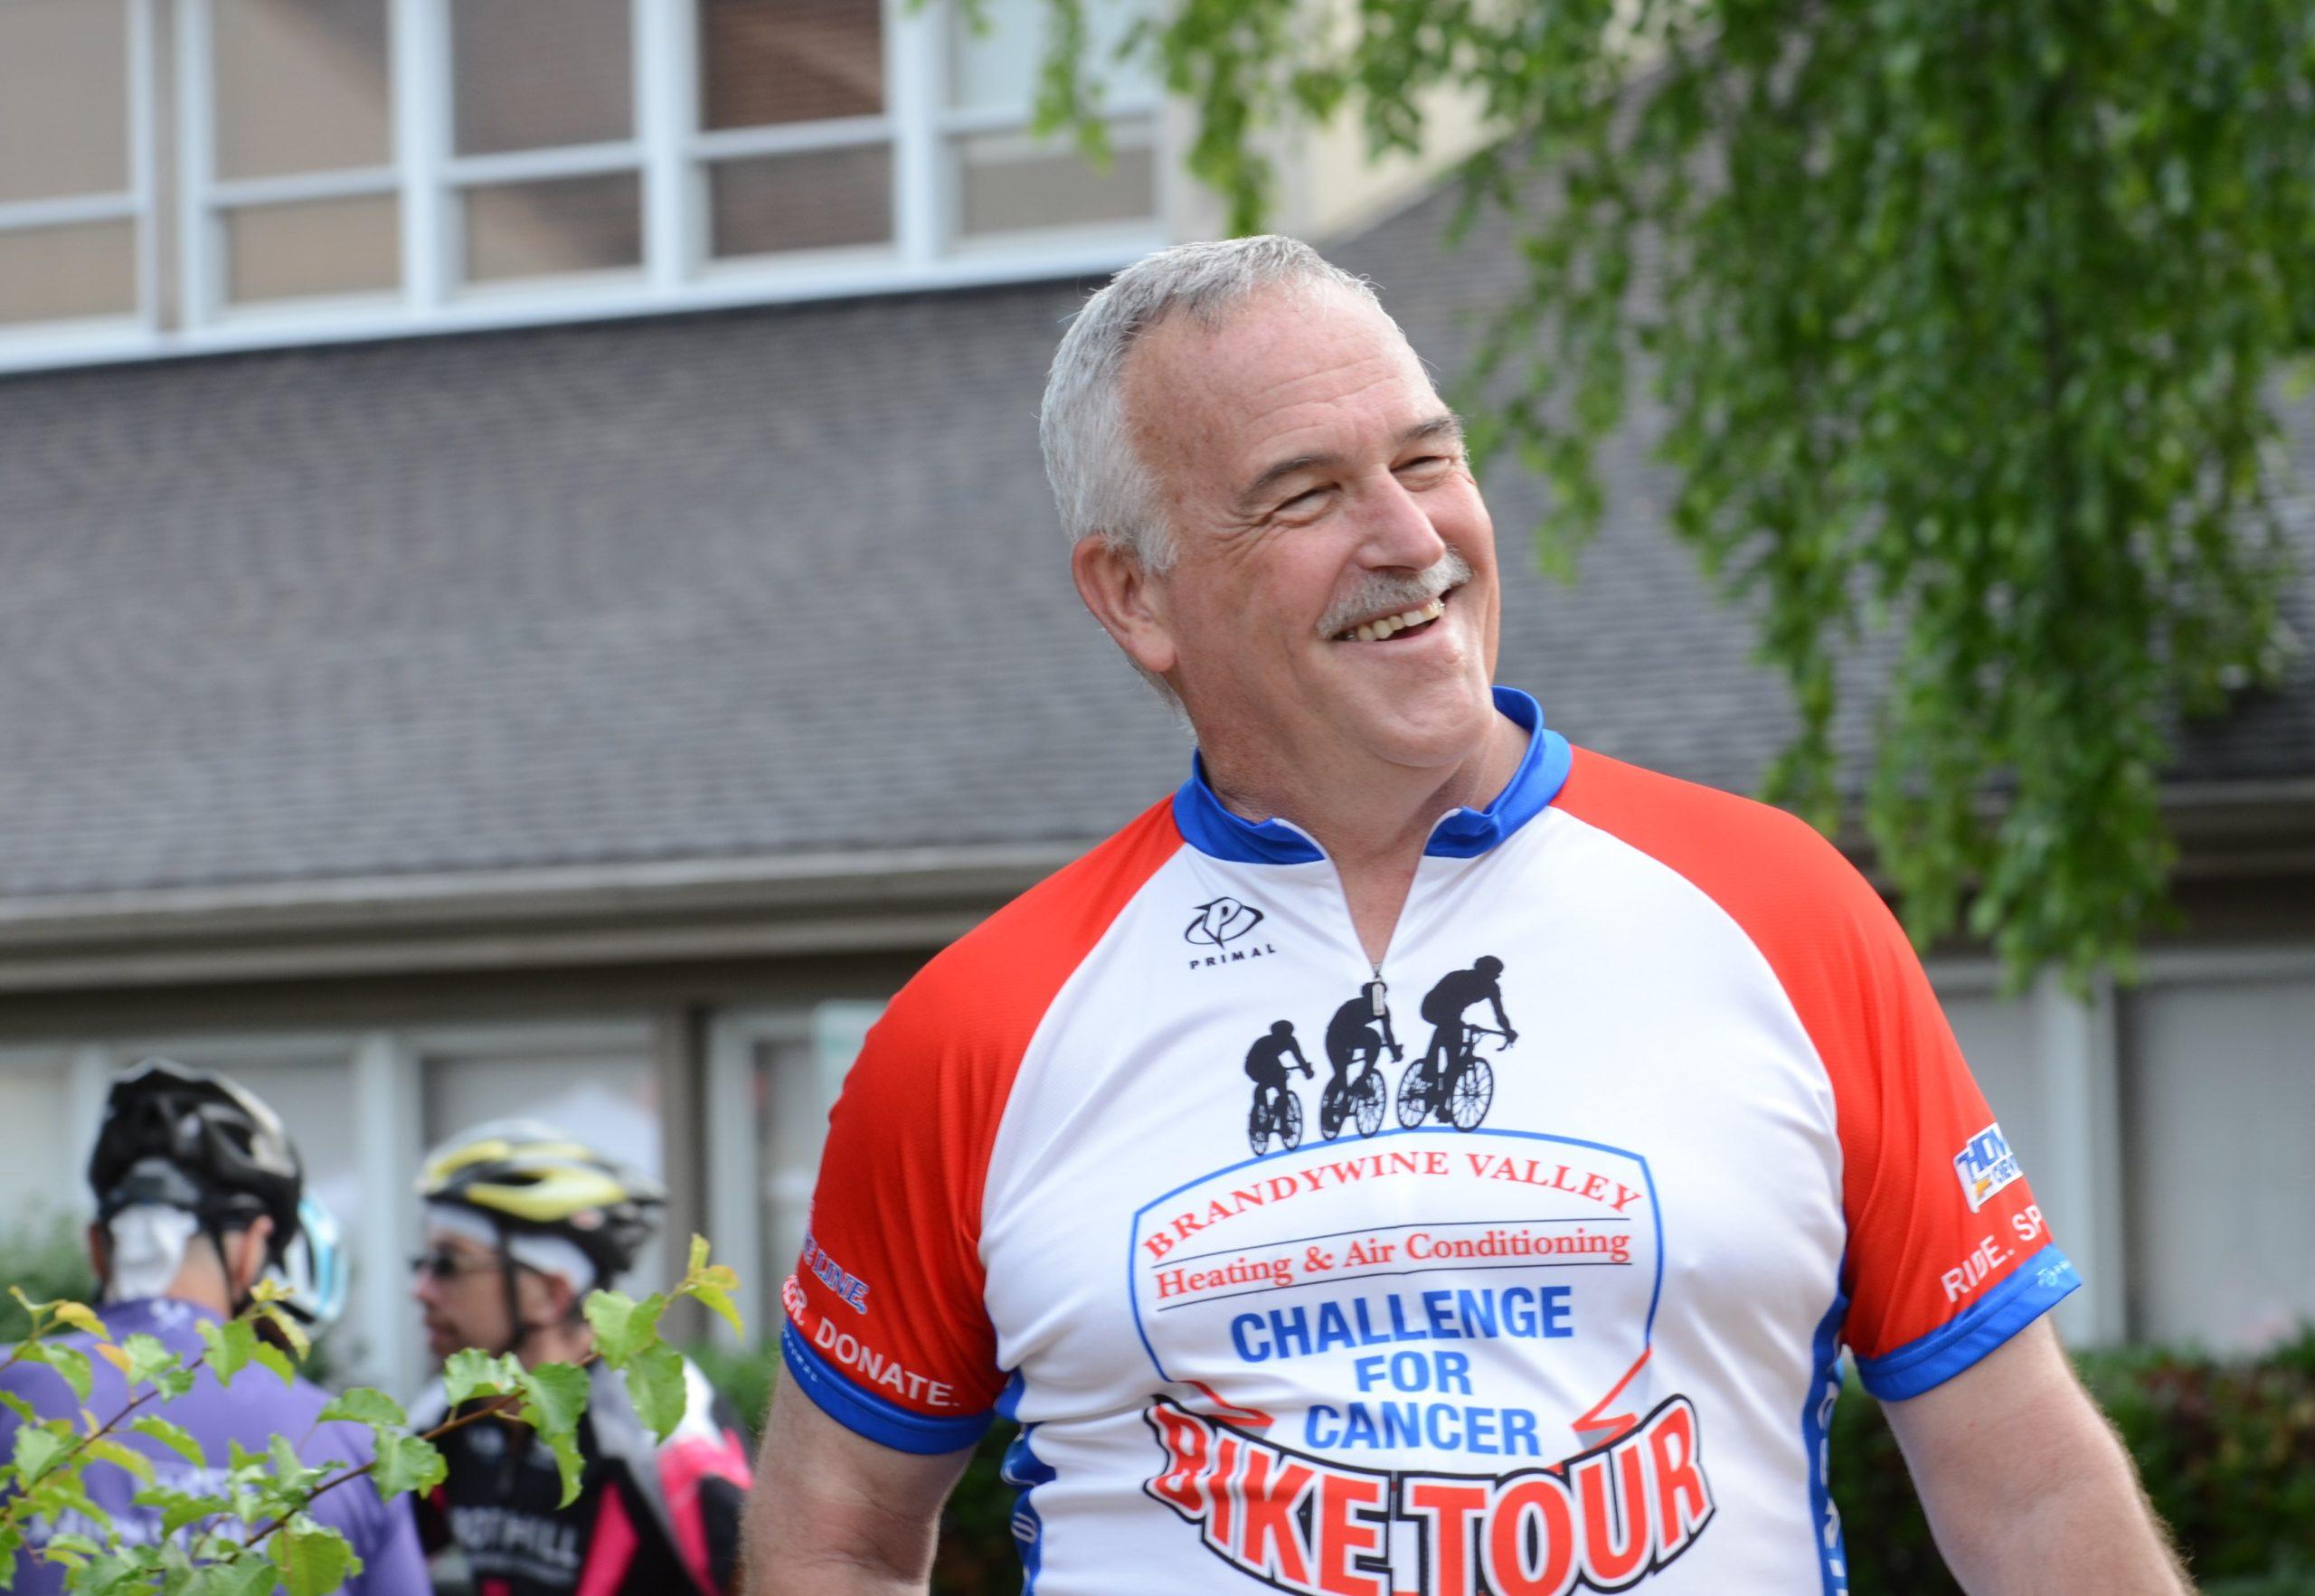 Twentieth Anniversary of Brandywine Valley HVAC Challenge For Cancer Bike Tour Set for Sunday